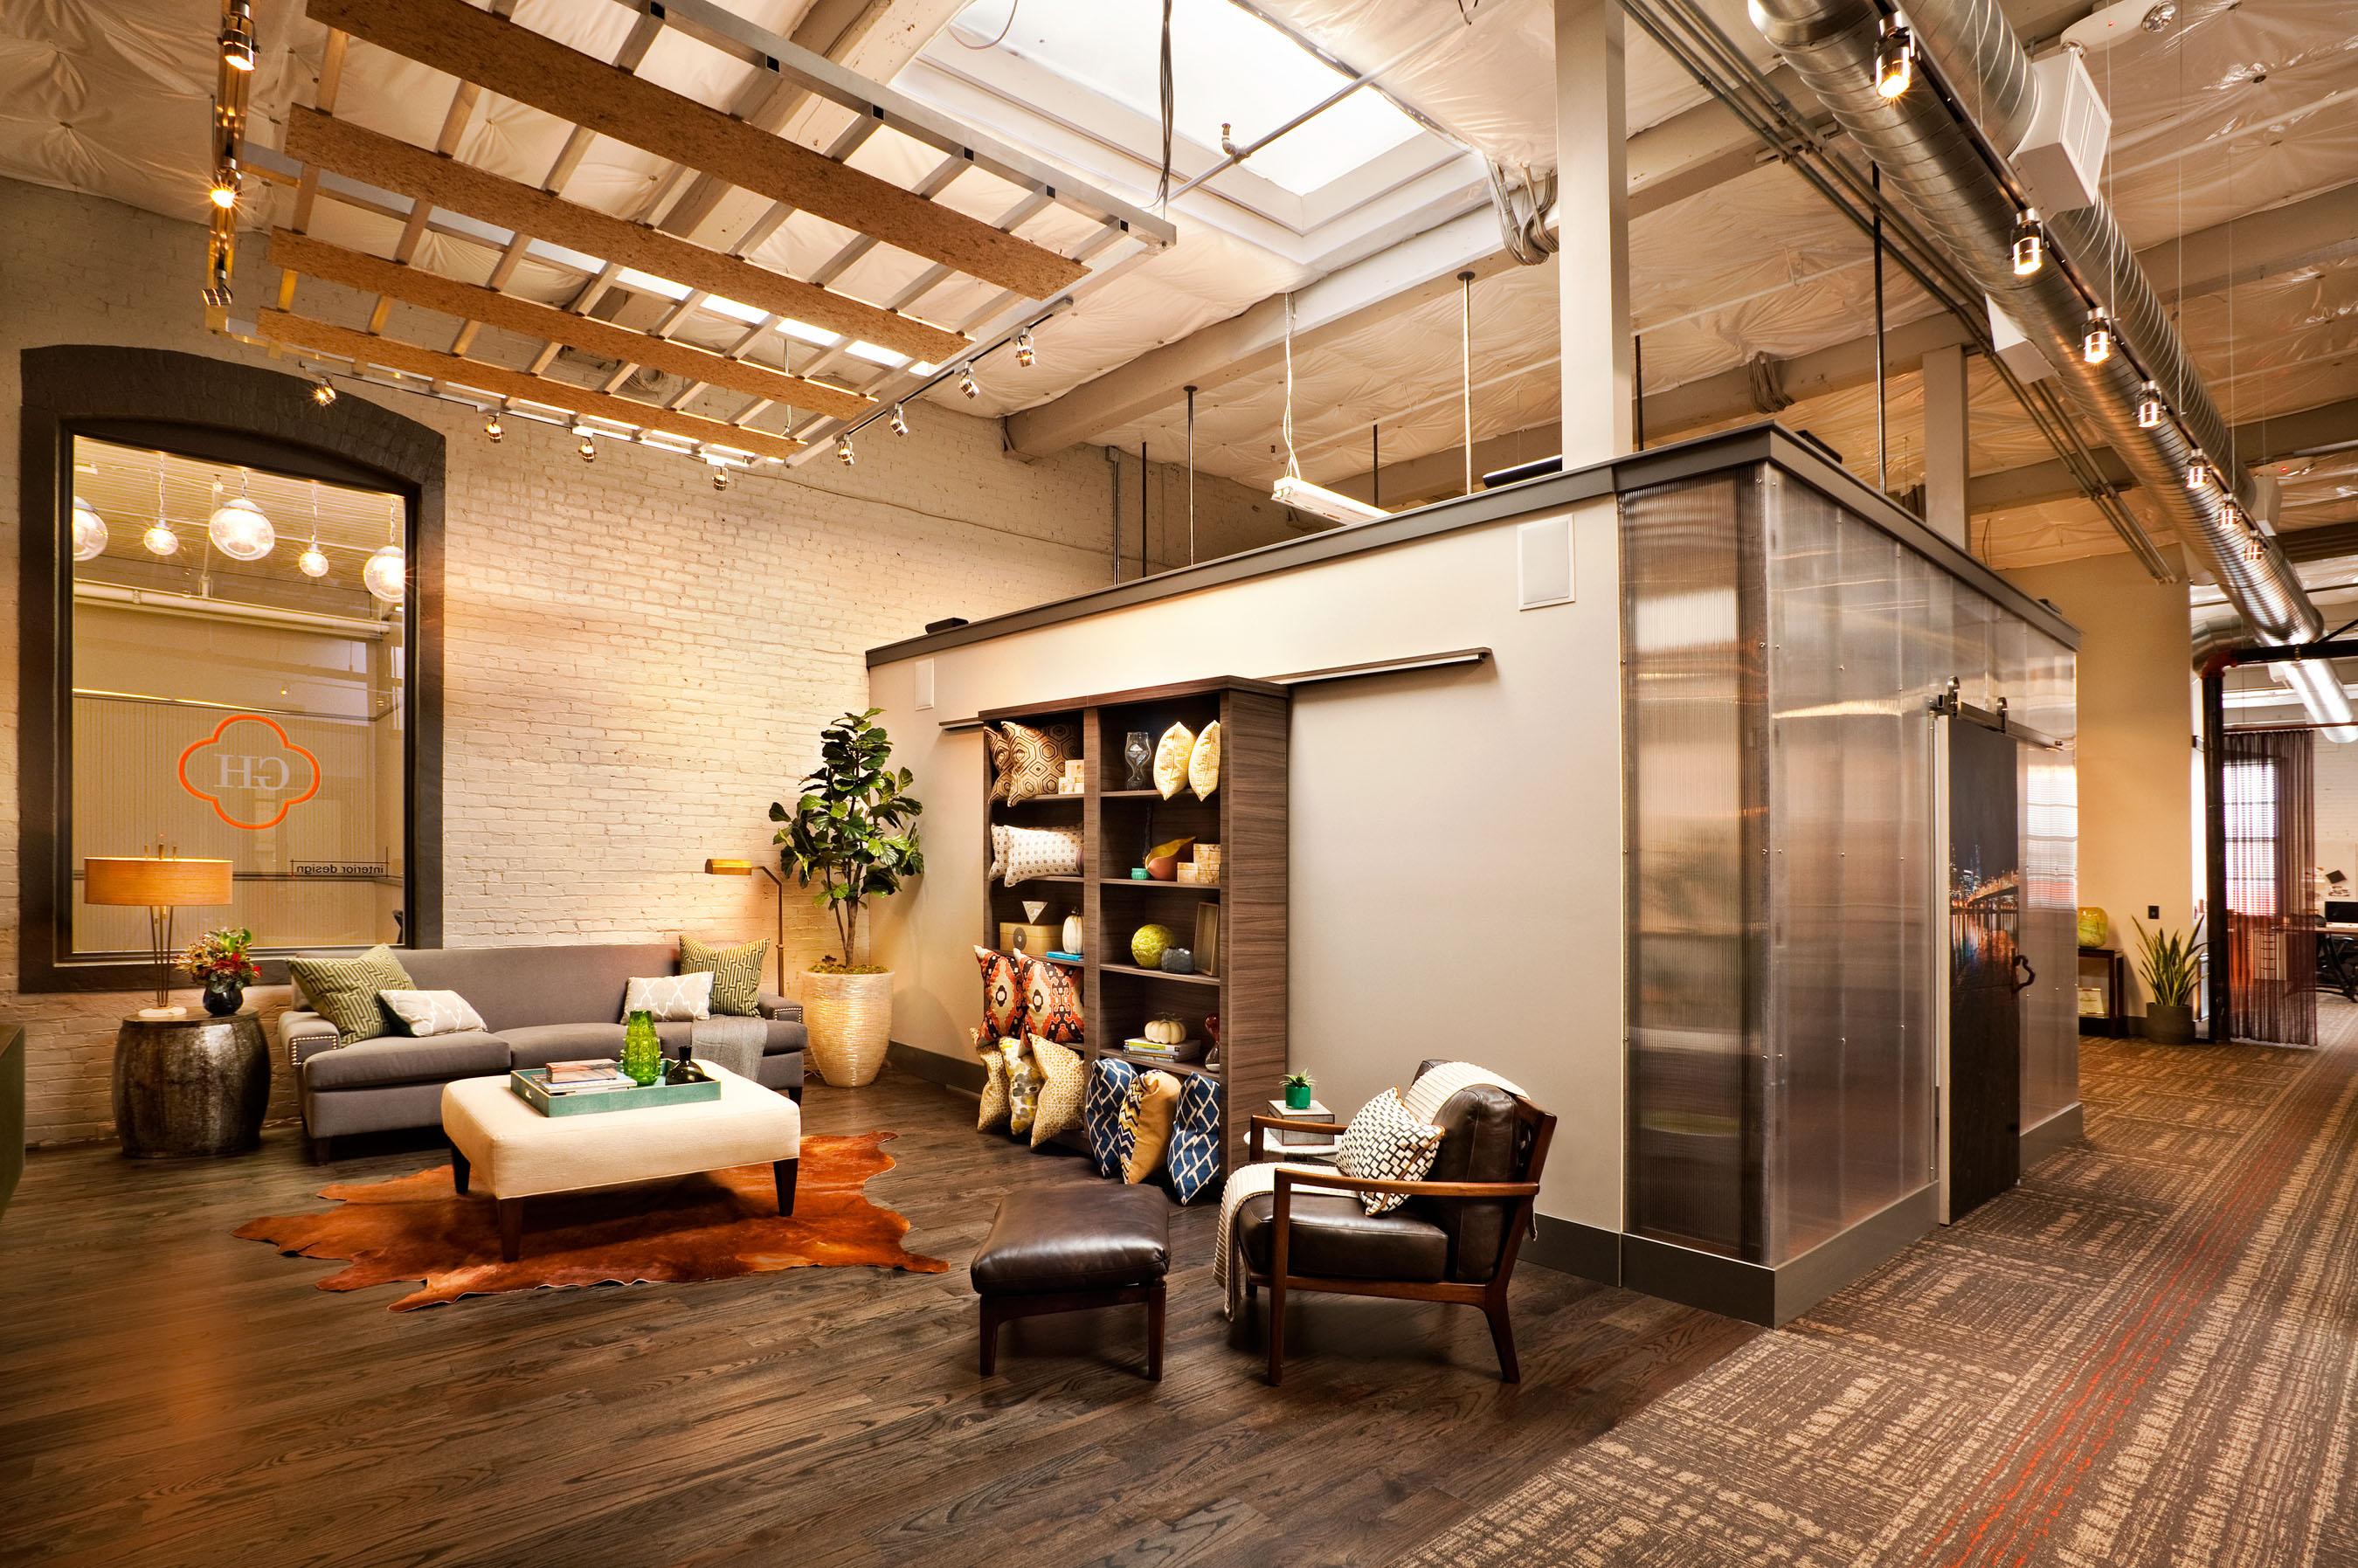 Creative design studio industrial space garrison - Interior design studio ...